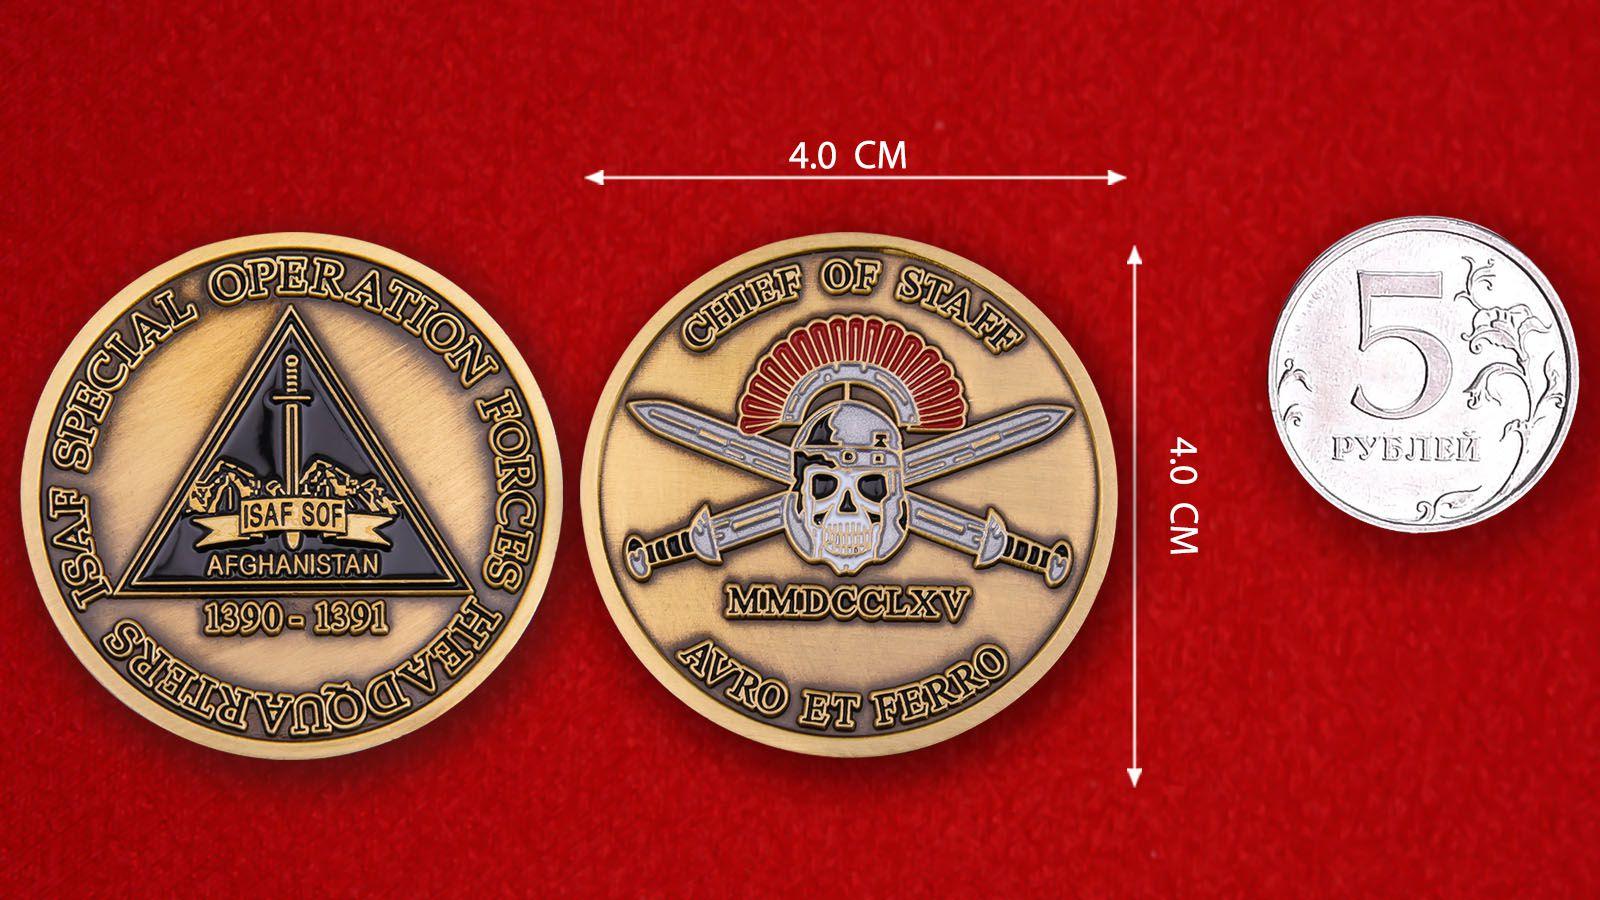 Челлендж коин штаба сил спецопераций Международных сил содействия безопасности в Афганистане - сравнительный размер